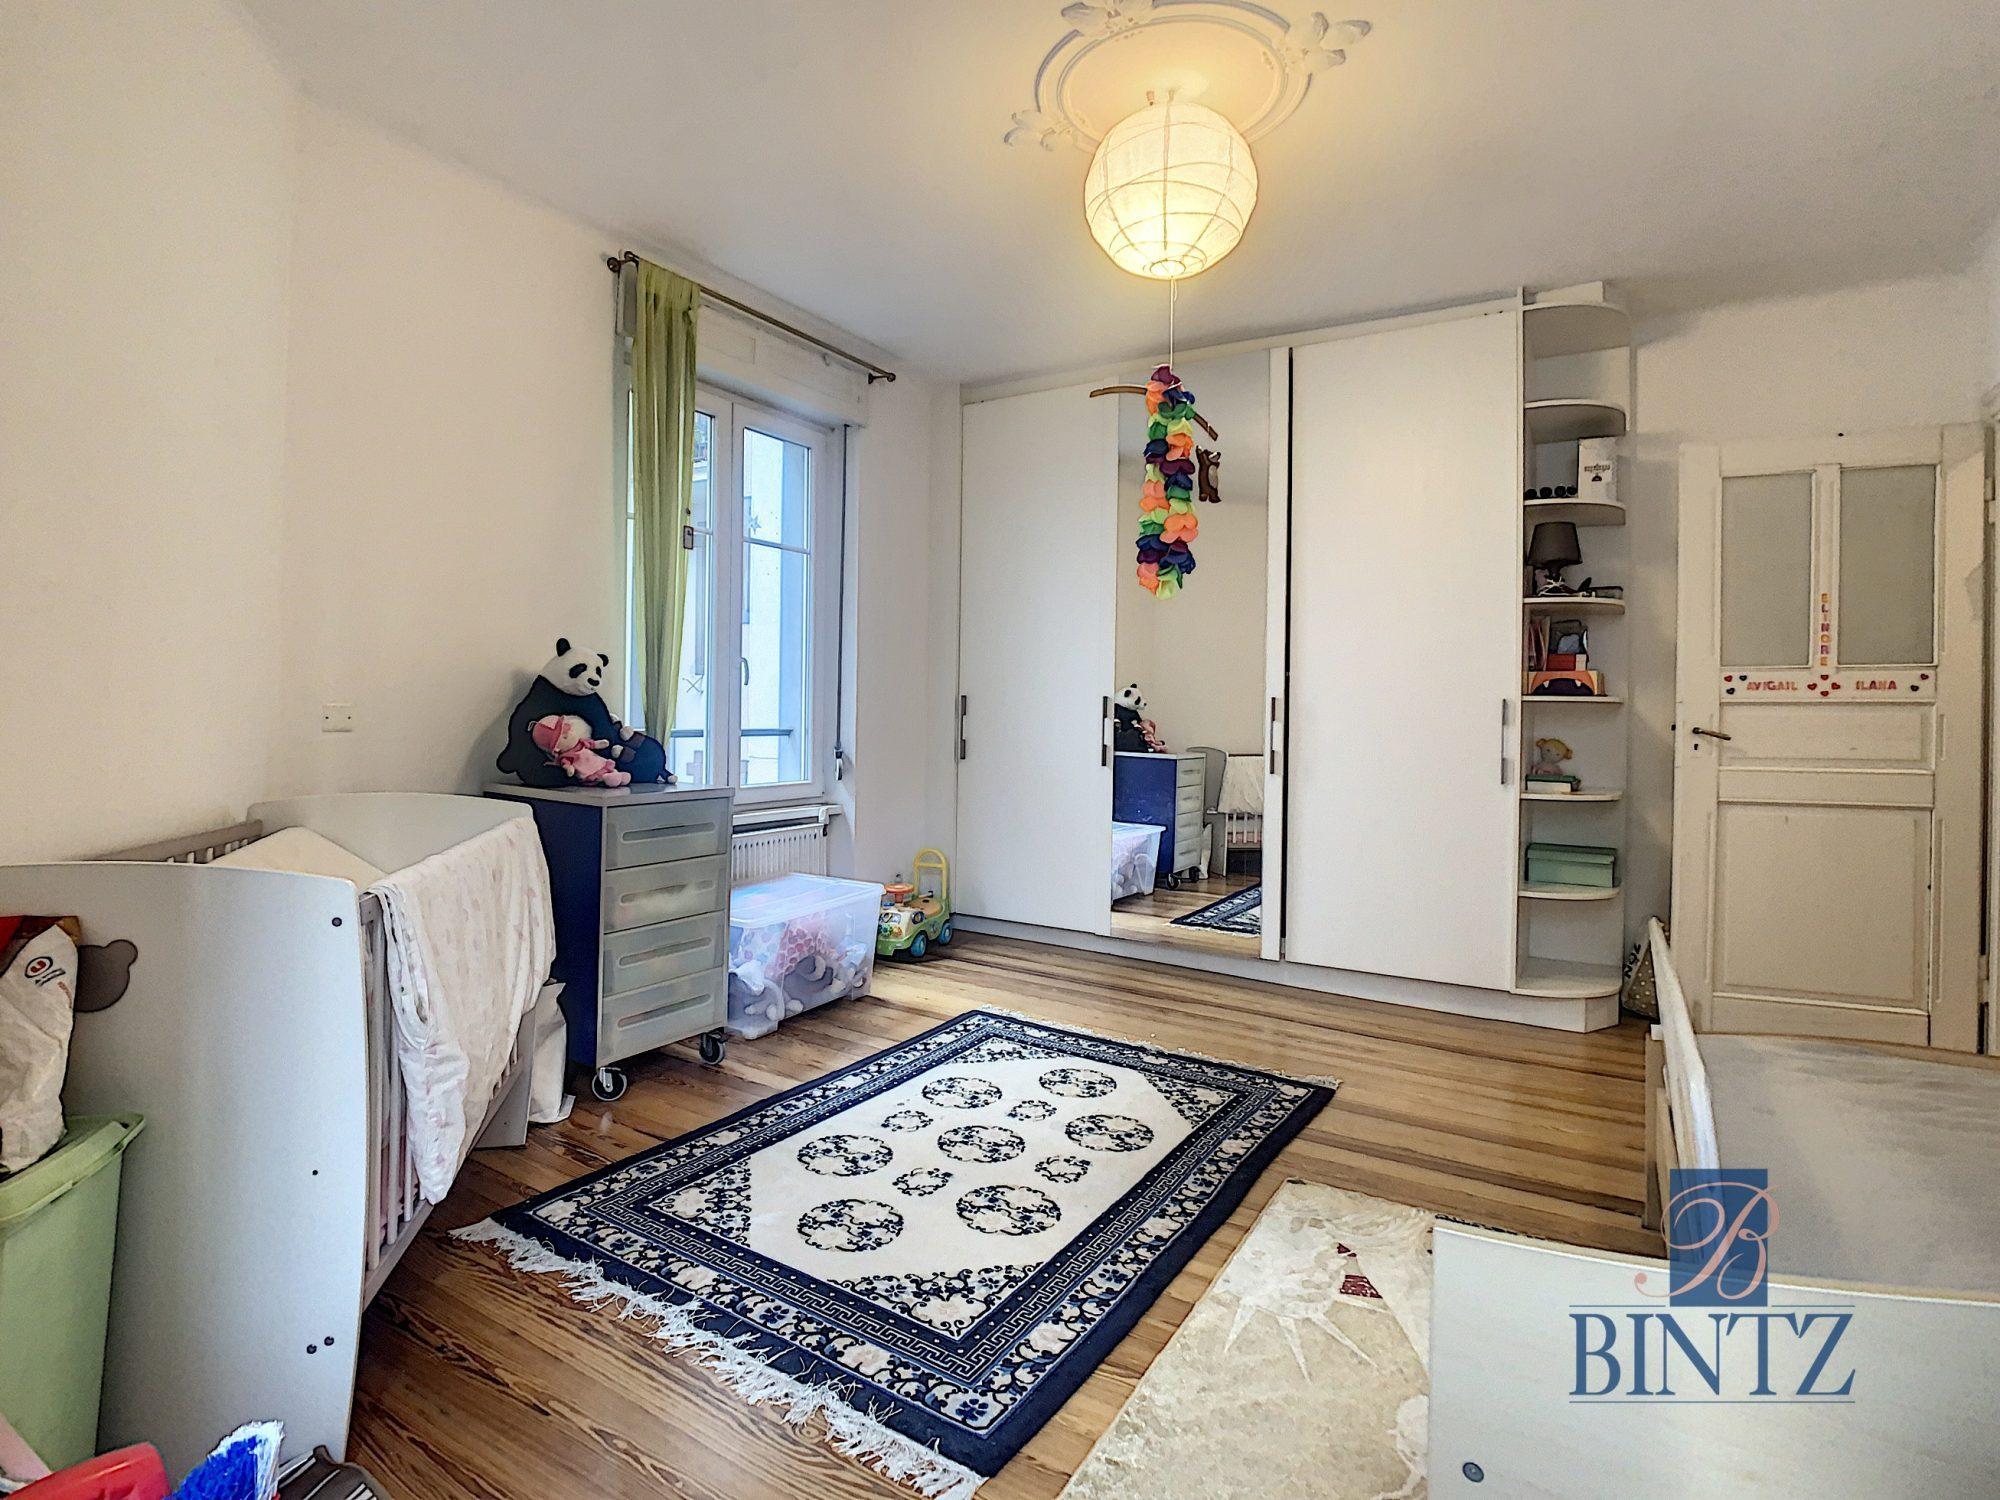 Appartement 3/4 pièces dans le quartier de la Neustadt - Devenez propriétaire en toute confiance - Bintz Immobilier - 1